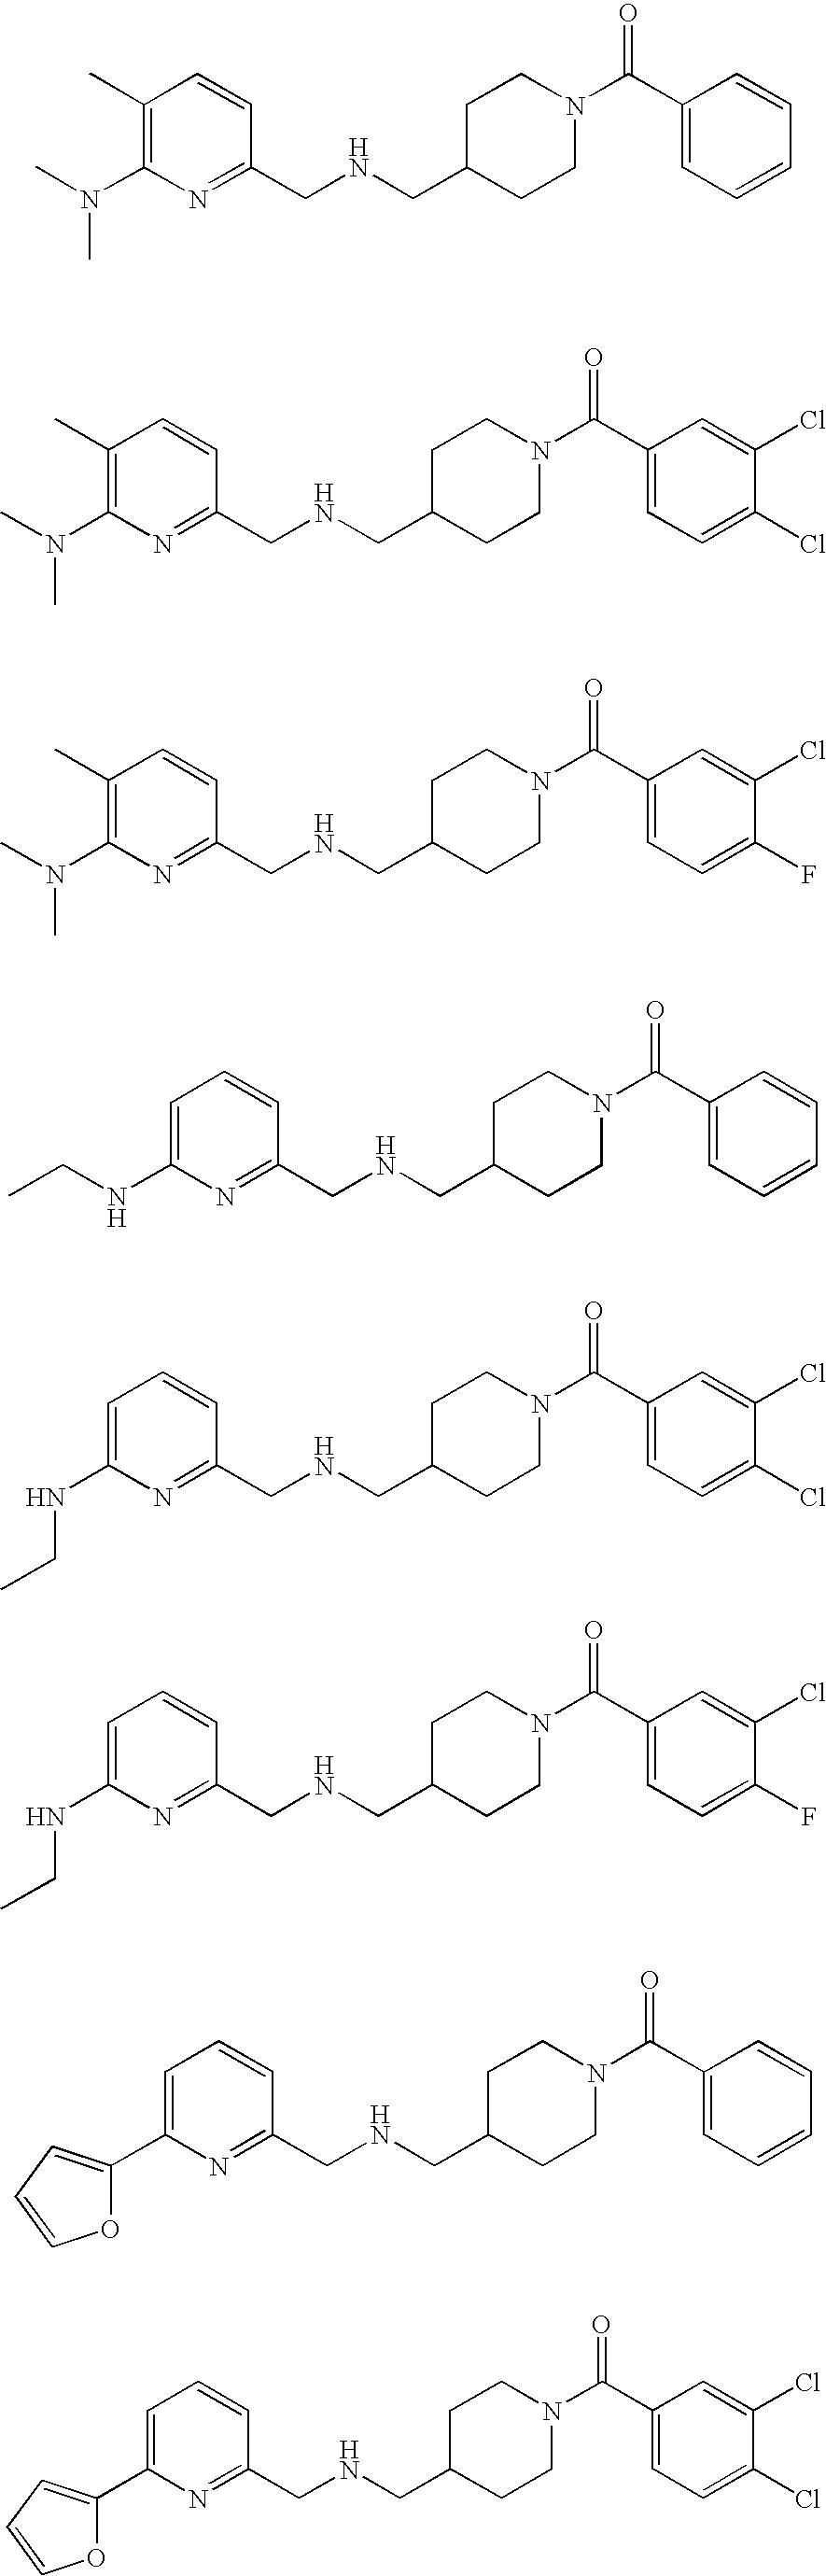 Figure US20100009983A1-20100114-C00211